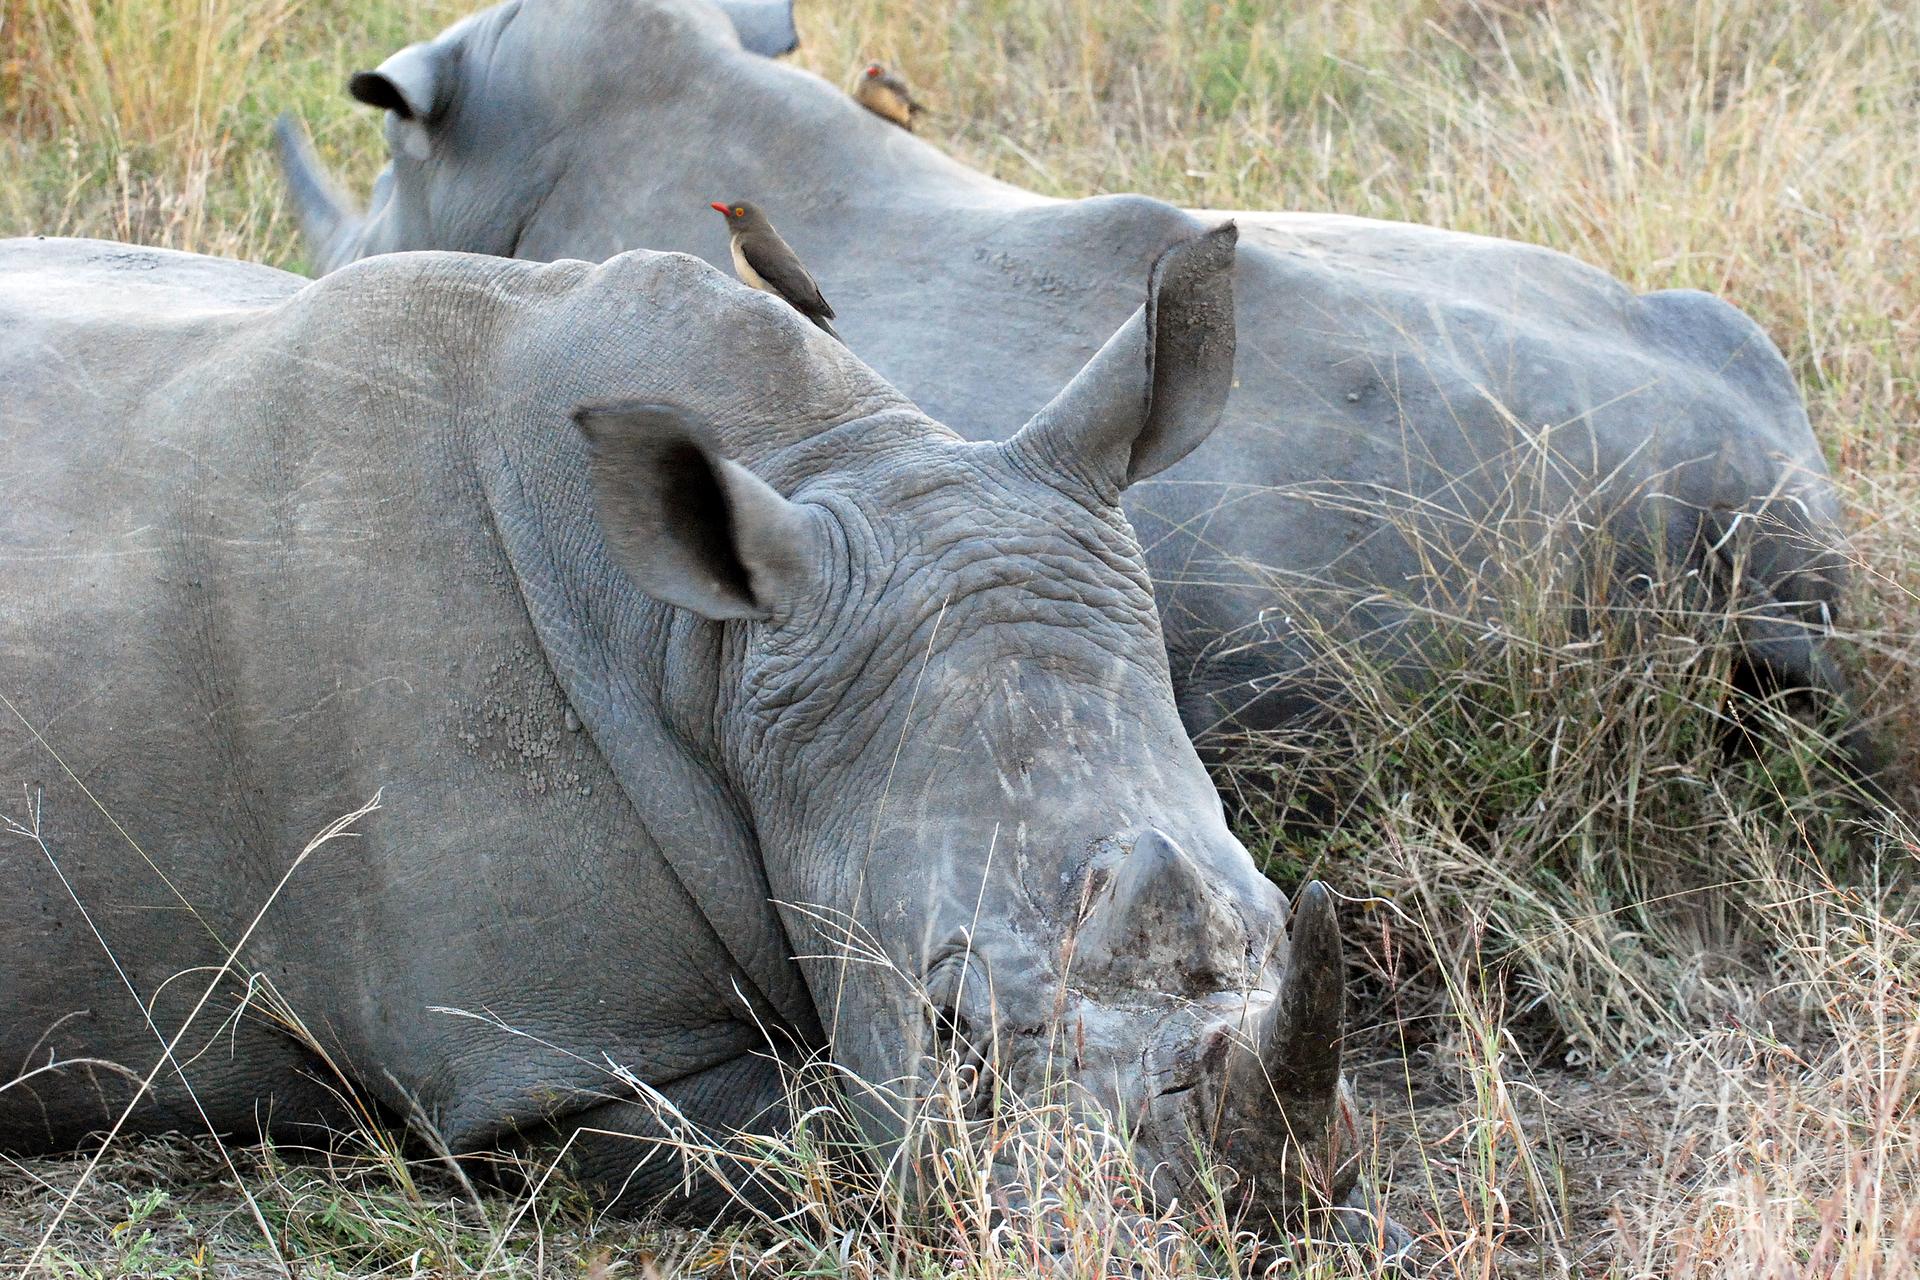 Fotografia przedstawia dwa leżące na suchej trawie nosorożce. Leżą obok siebie, zgłowami wprzeciwne strony. Na ich szarej skórze, na grzbietach znajdują się biało – czarne ptaki zczerwonymi oczami idziobami. To bąkojady, zjadające pasożyty ze skóry nosorożców.